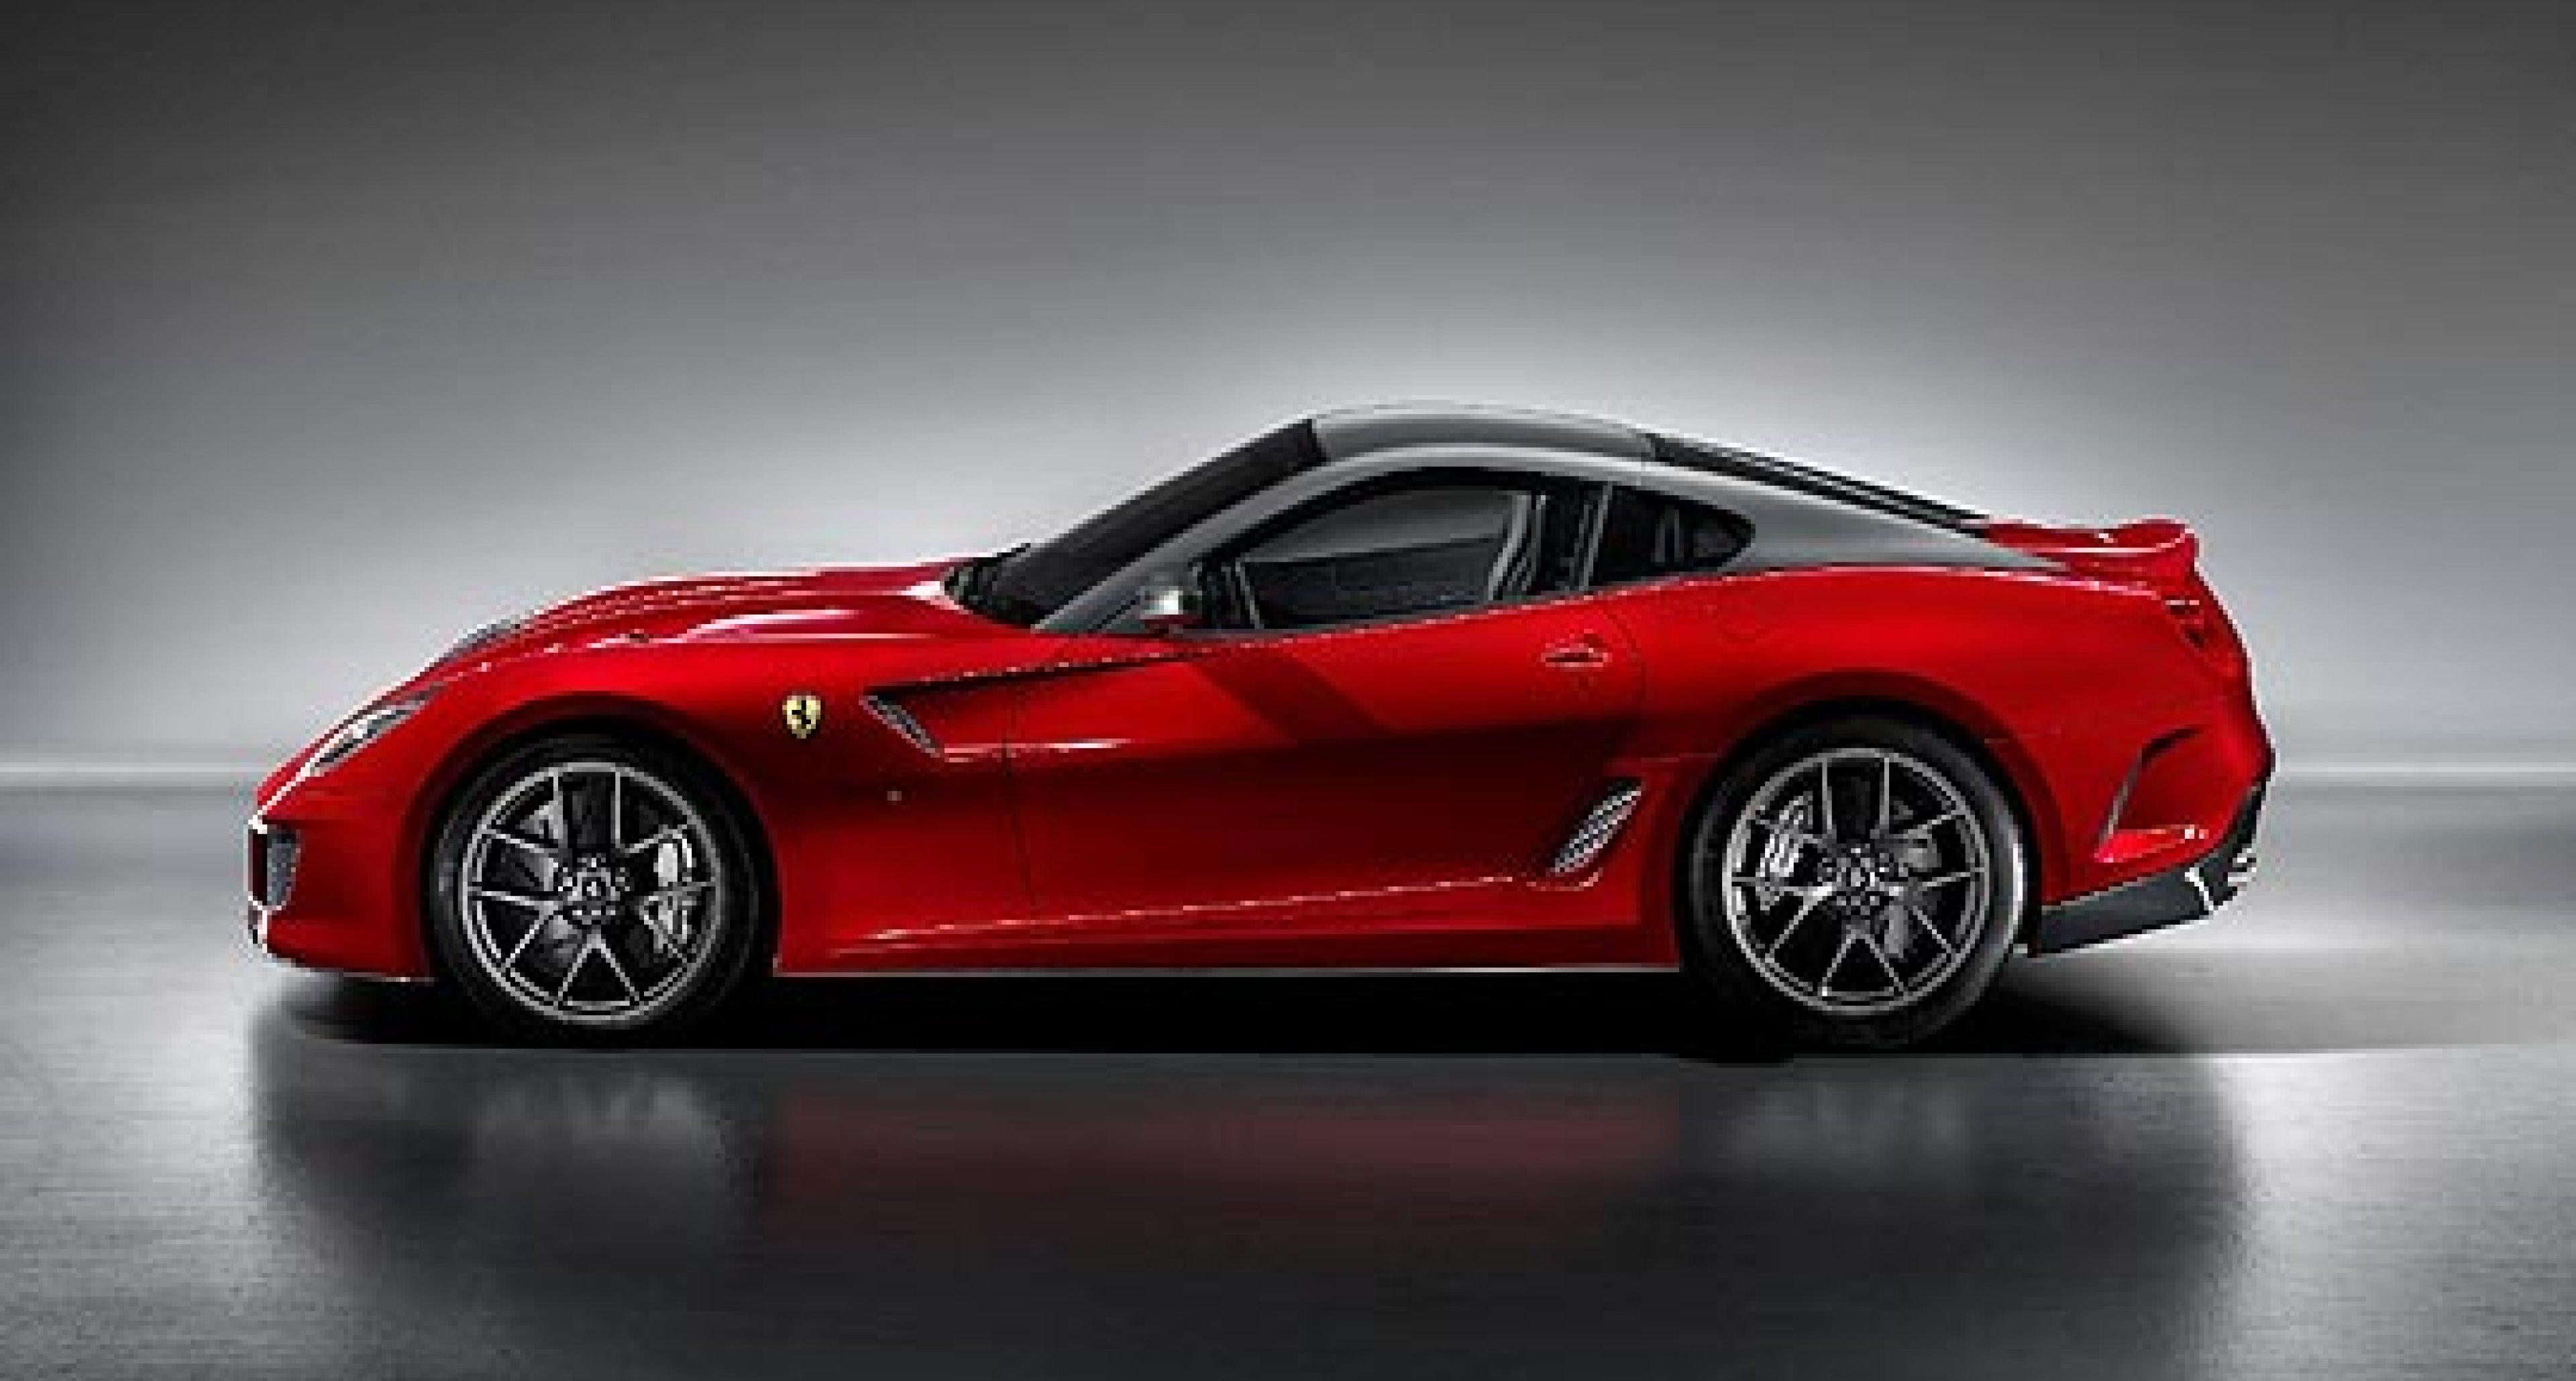 599 GTO: Fastest-ever Ferrari for the Road